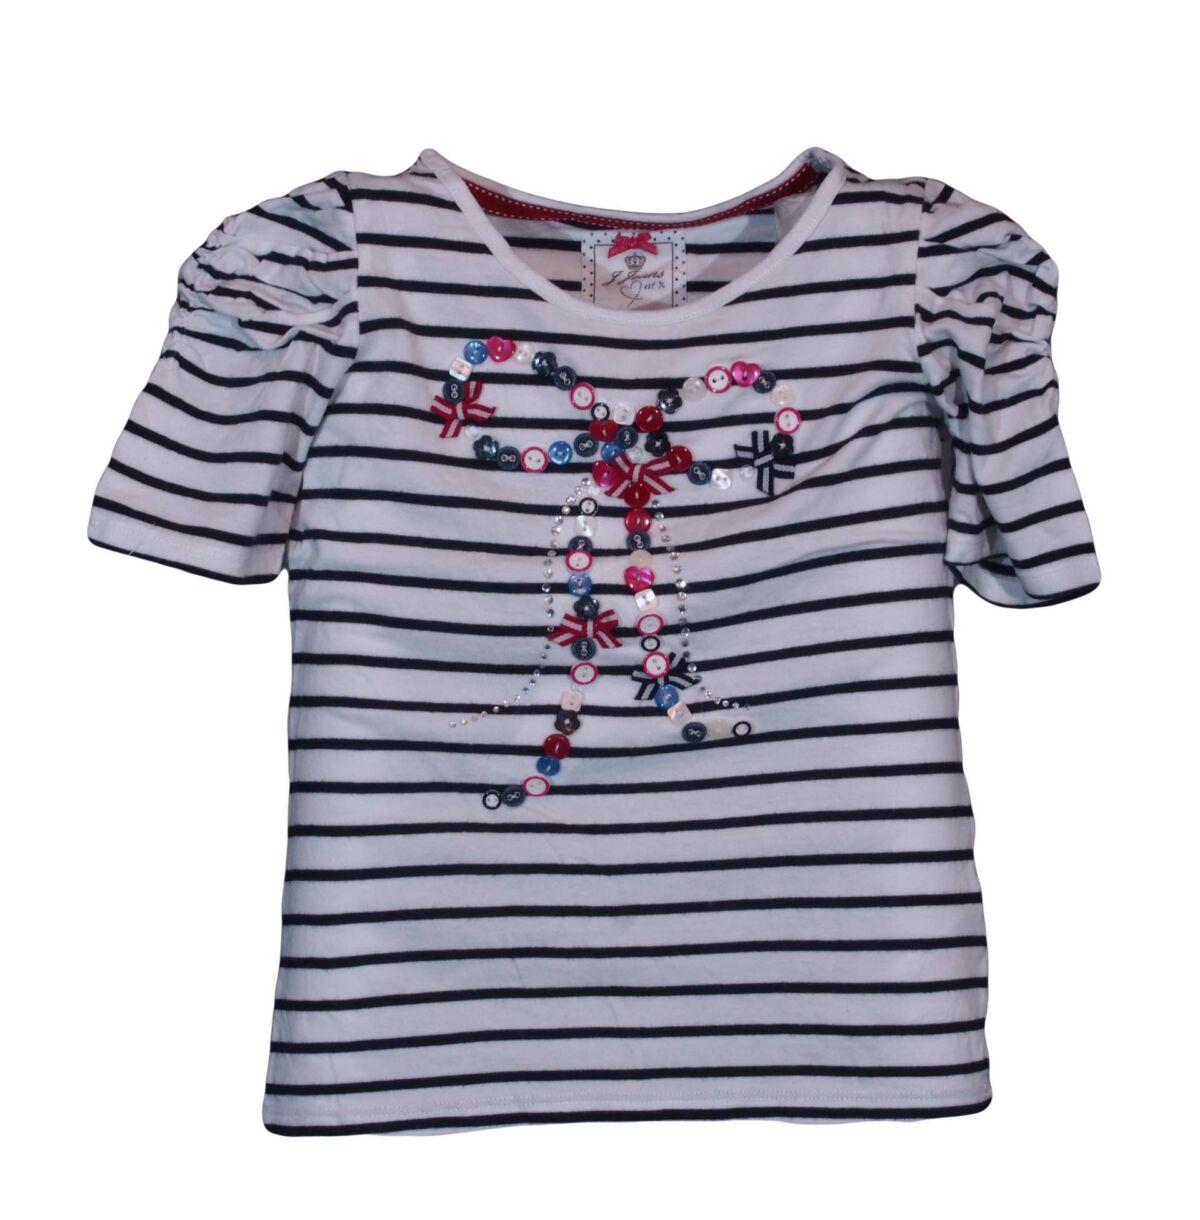 Egyéb márka - Kedvenc Gyerekruha Webshop 51bf9aaf52